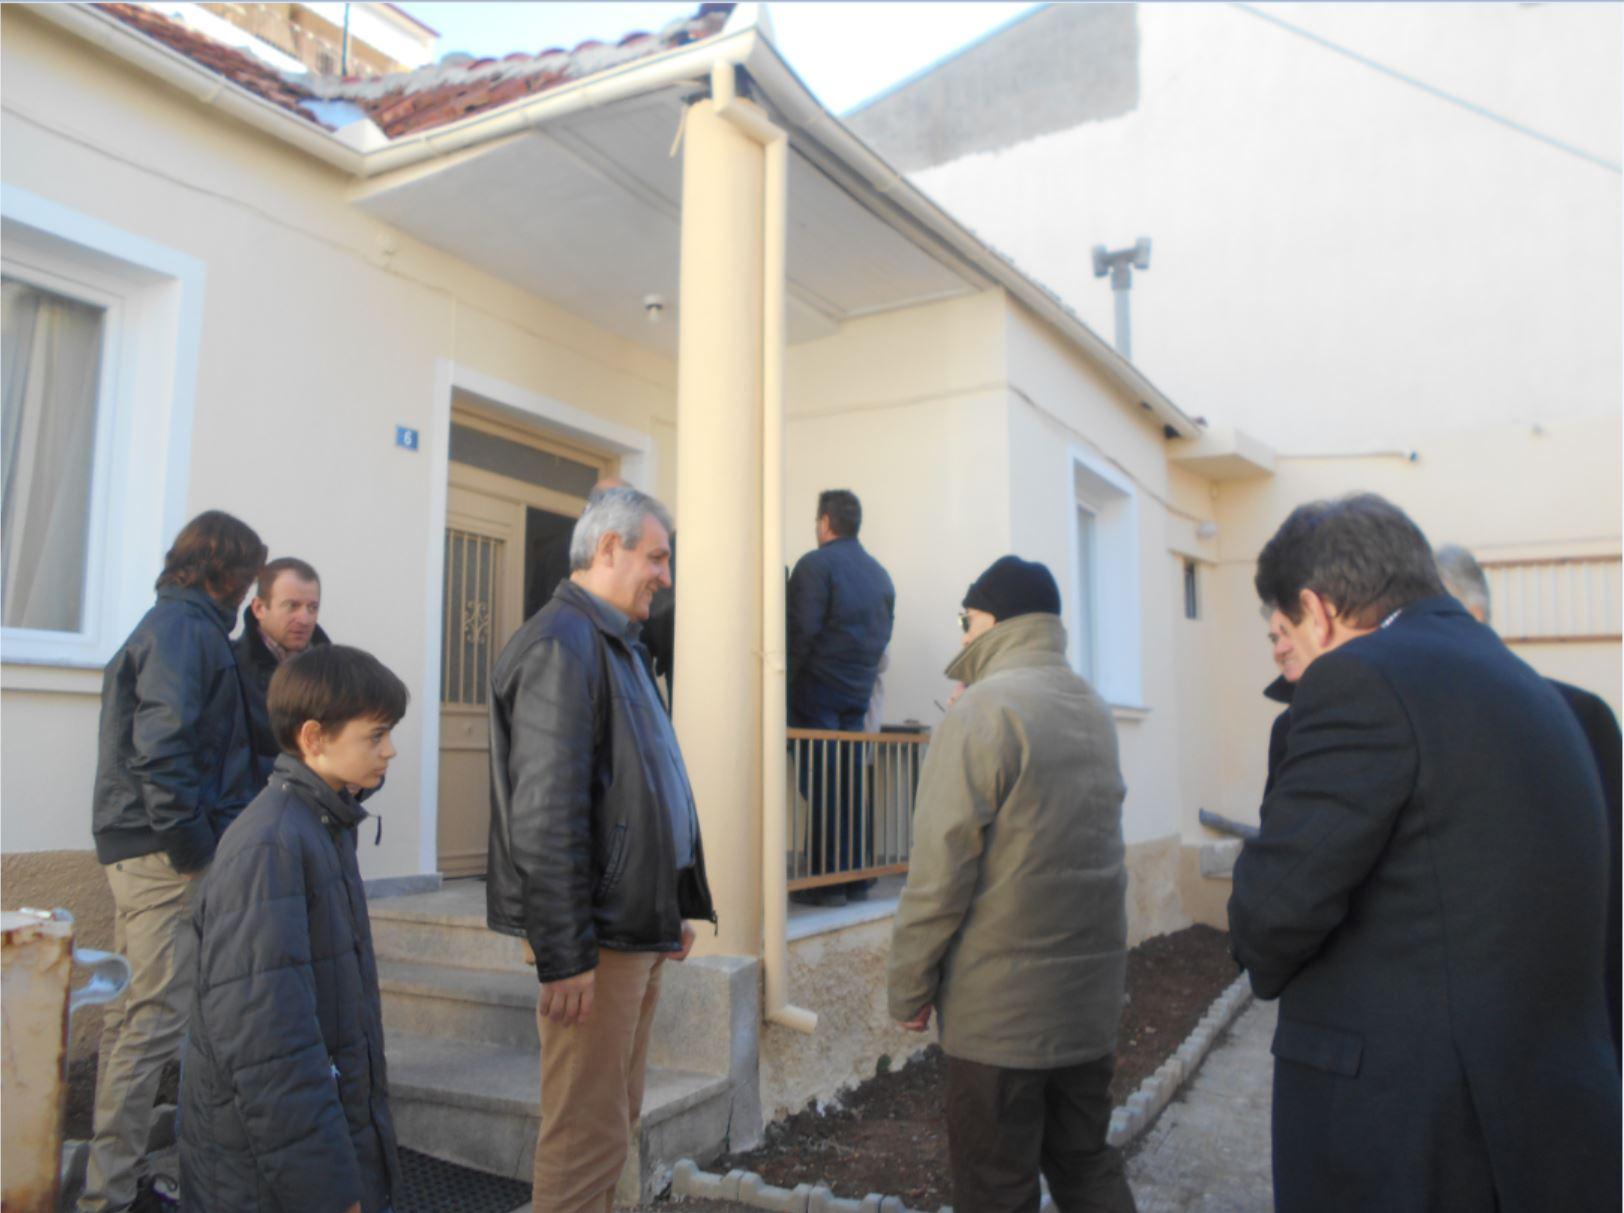 kozan.gr: Eγκαινιάστηκαν, σήμερα Κυριακή, τα γραφεία του Συλλόγου Λιβαδεριωτών στην Κοζάνη (Φωτογραφίες)